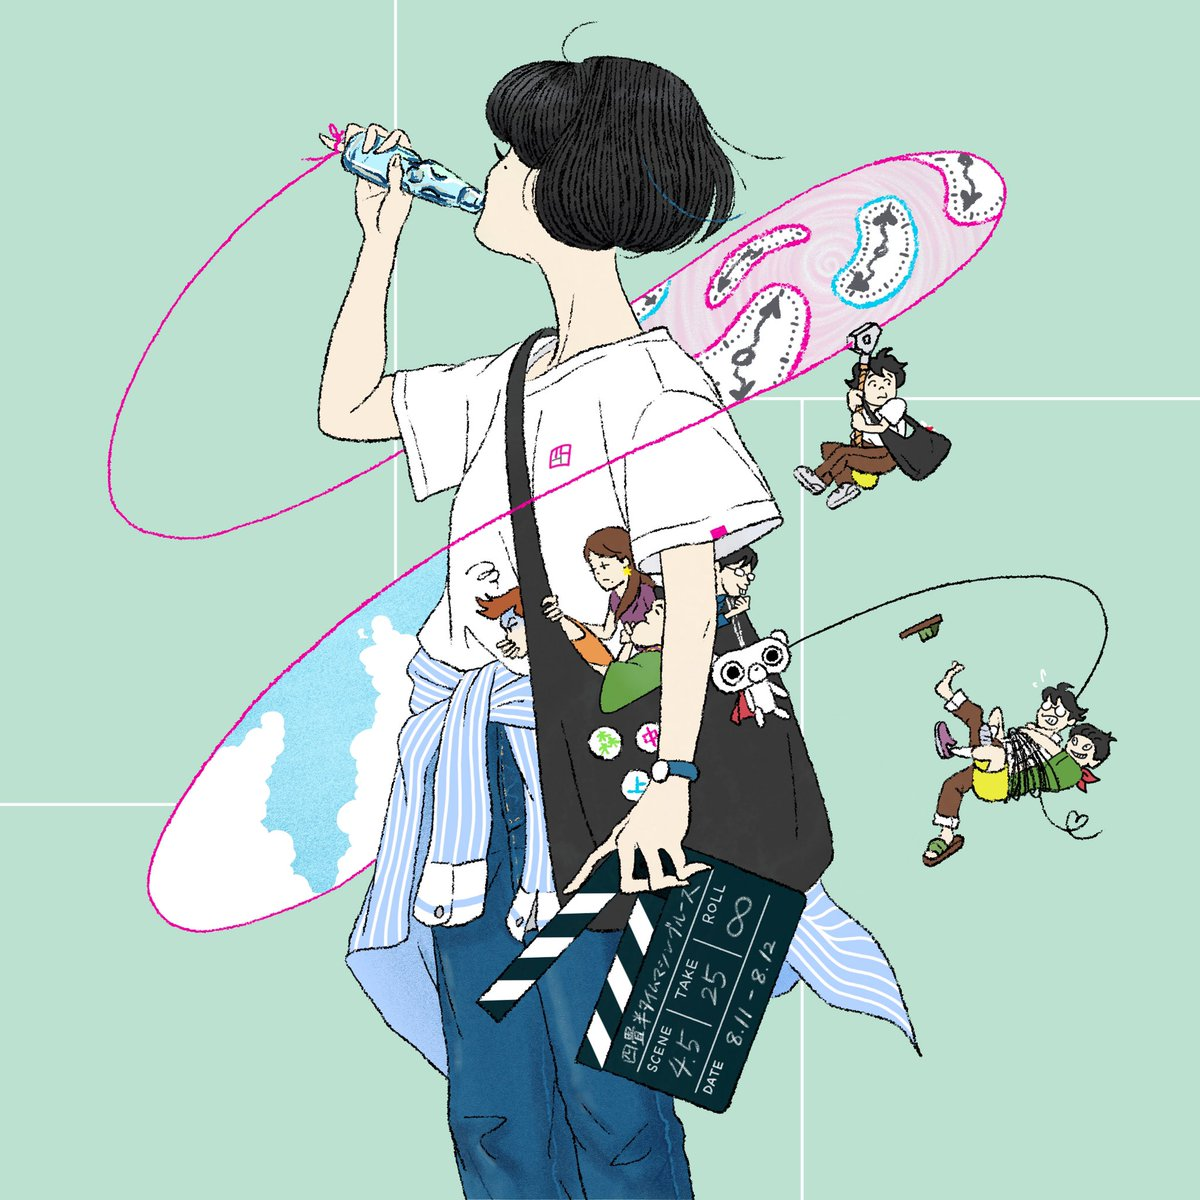 中村佑介 ジャケ全集 Play 素敵な感想絵をほんとうにどうもありがとう